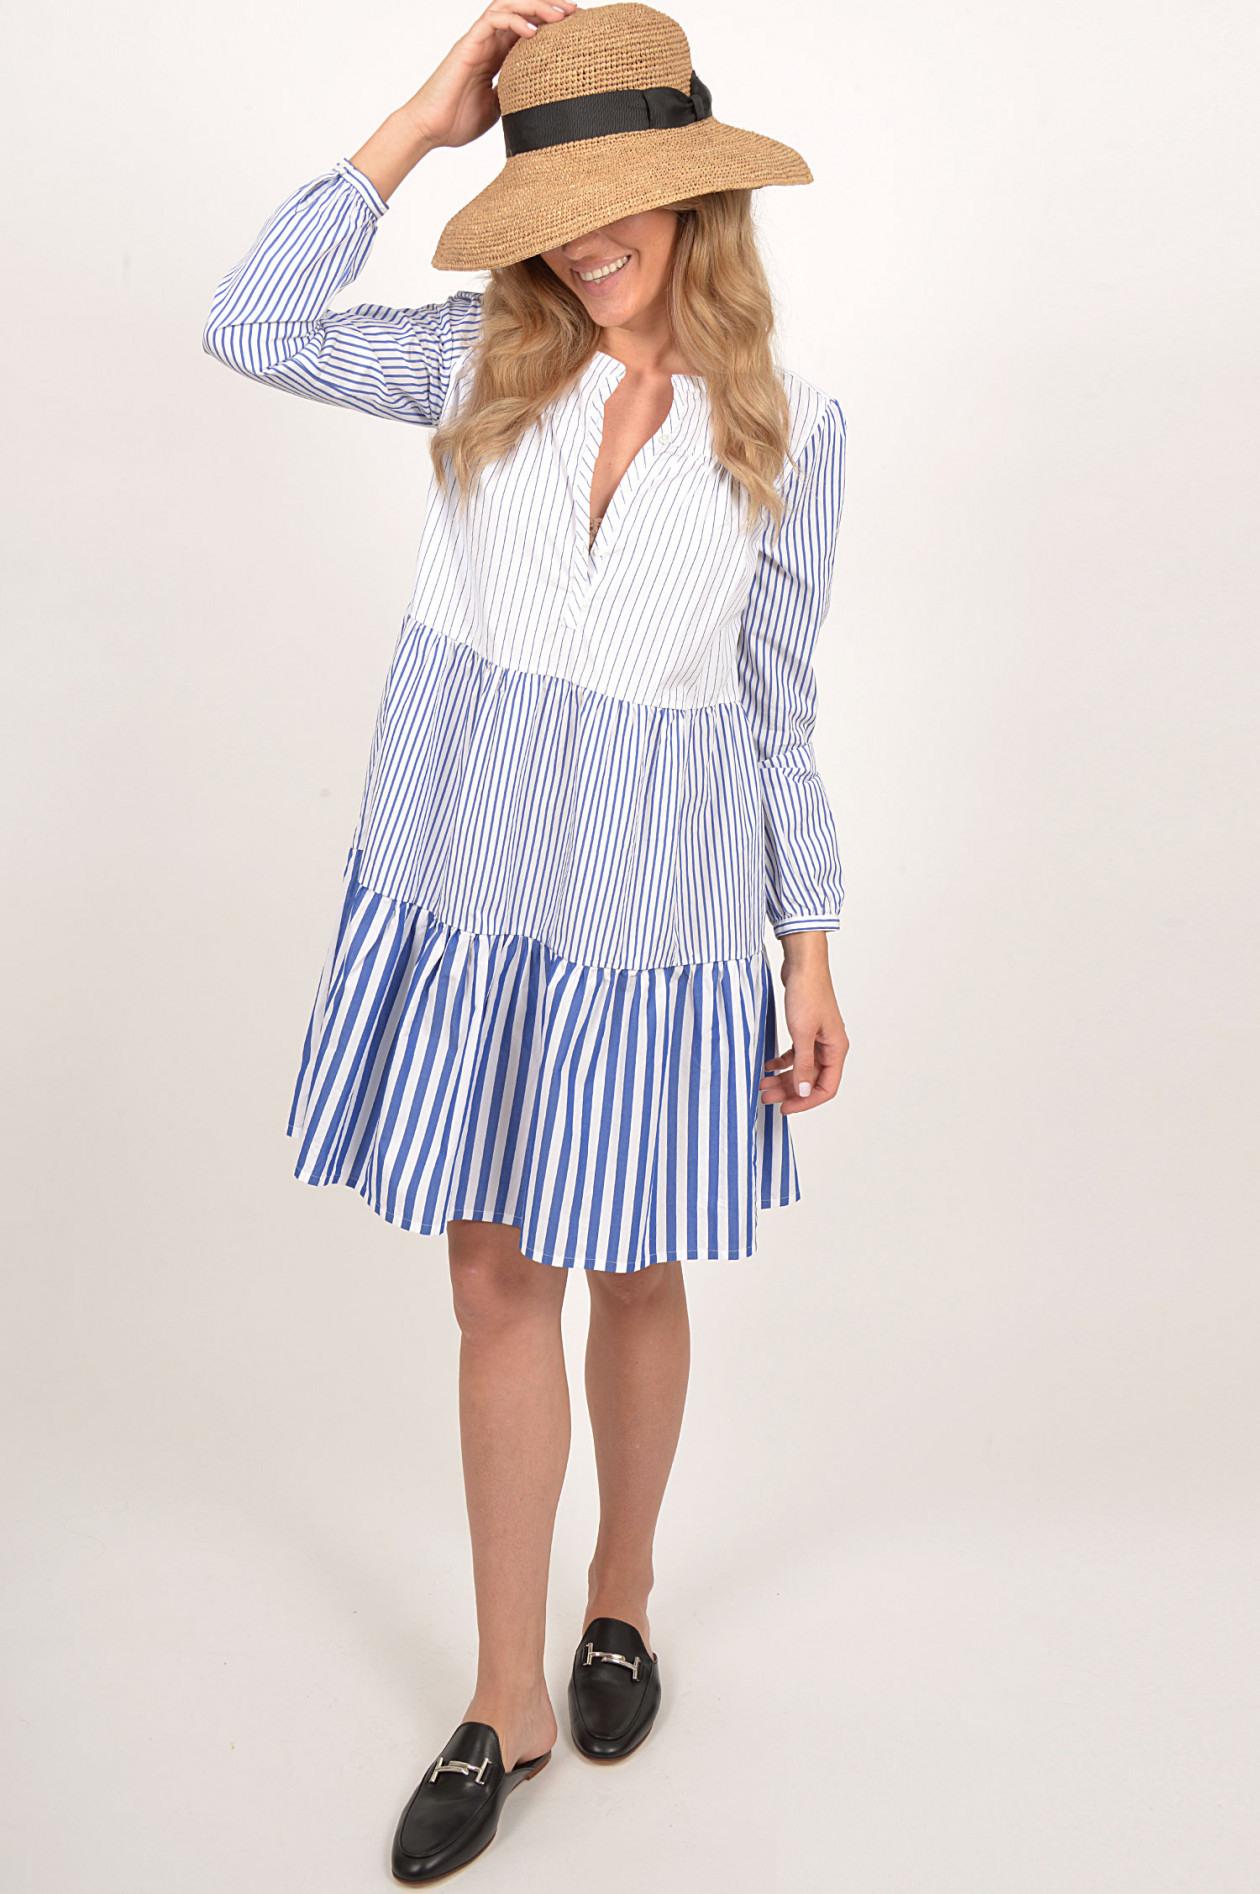 Robert Friedman Kleid Aus Baumwolle In Blau/Weiß Gestreift